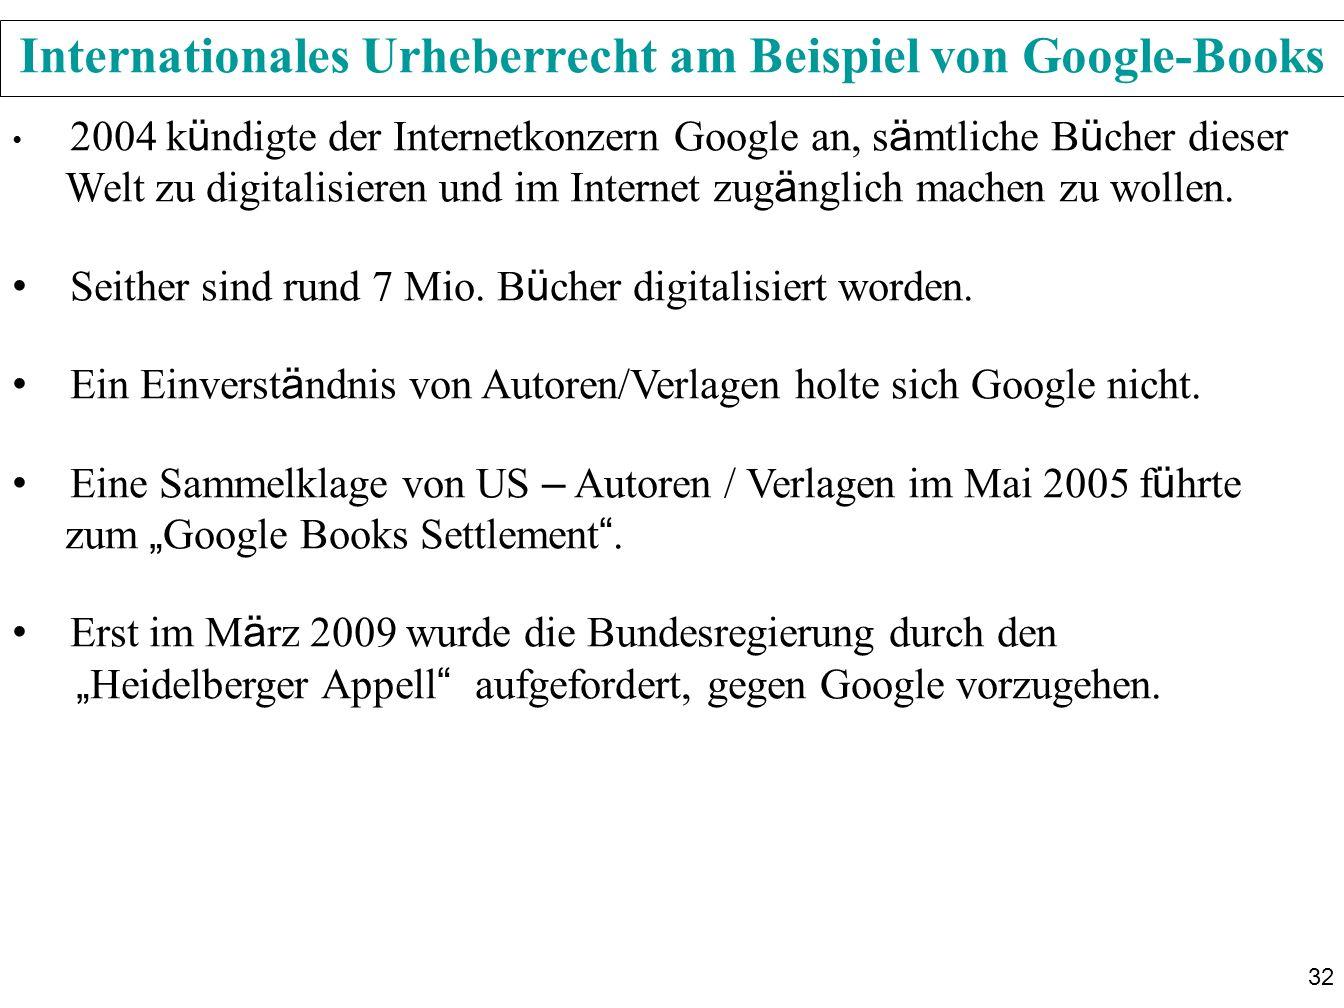 32 Internationales Urheberrecht am Beispiel von Google-Books 2004 k ü ndigte der Internetkonzern Google an, s ä mtliche B ü cher dieser Welt zu digitalisieren und im Internet zug ä nglich machen zu wollen.